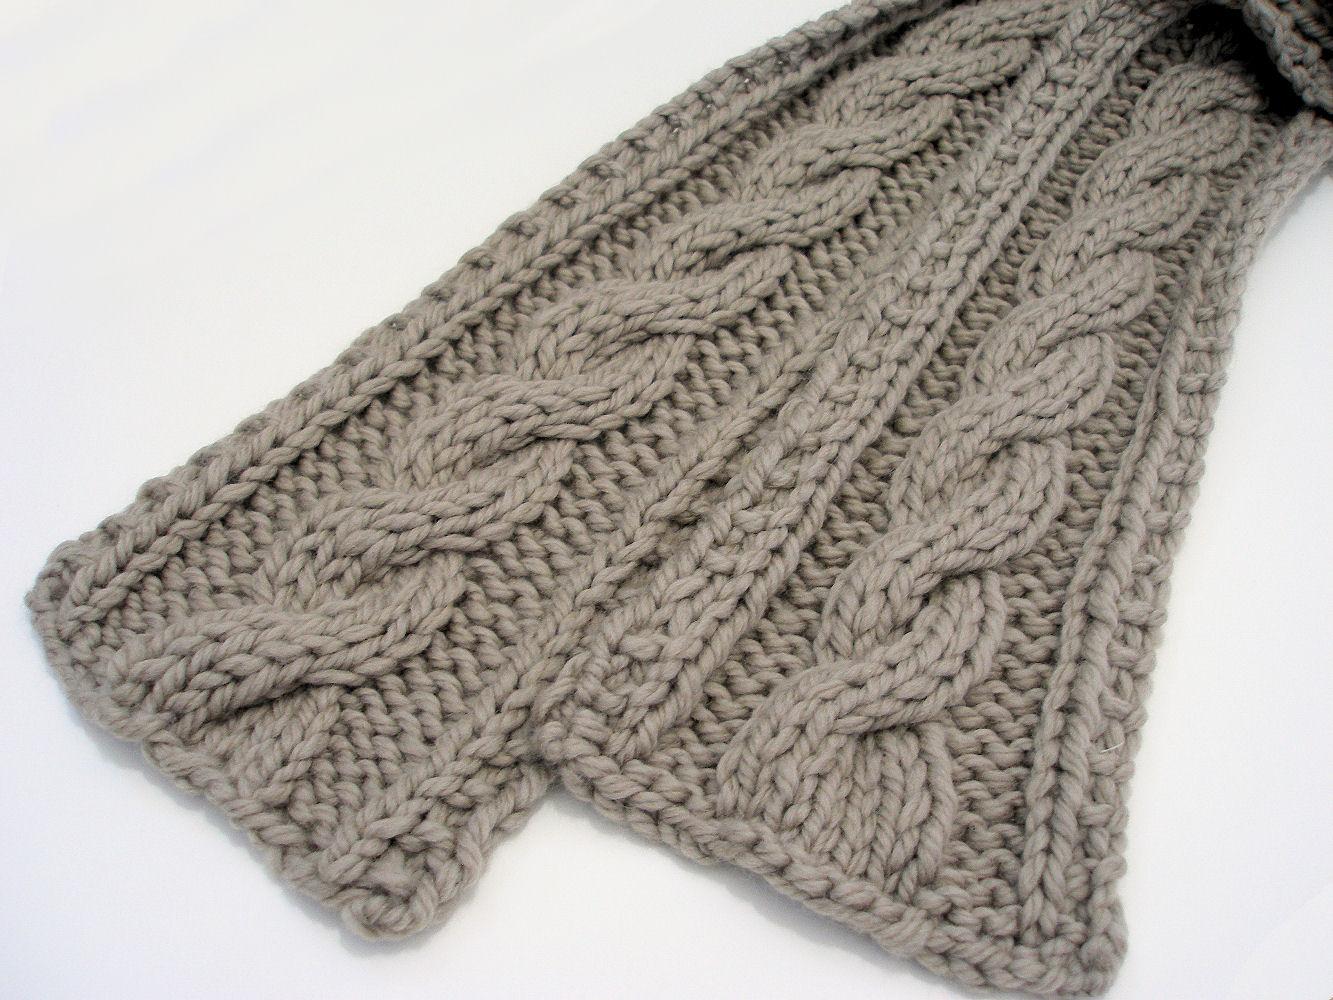 pattern It is a pattern from Knitting Crochet Childrens Scarf Crochet Children's Scarf Patterns